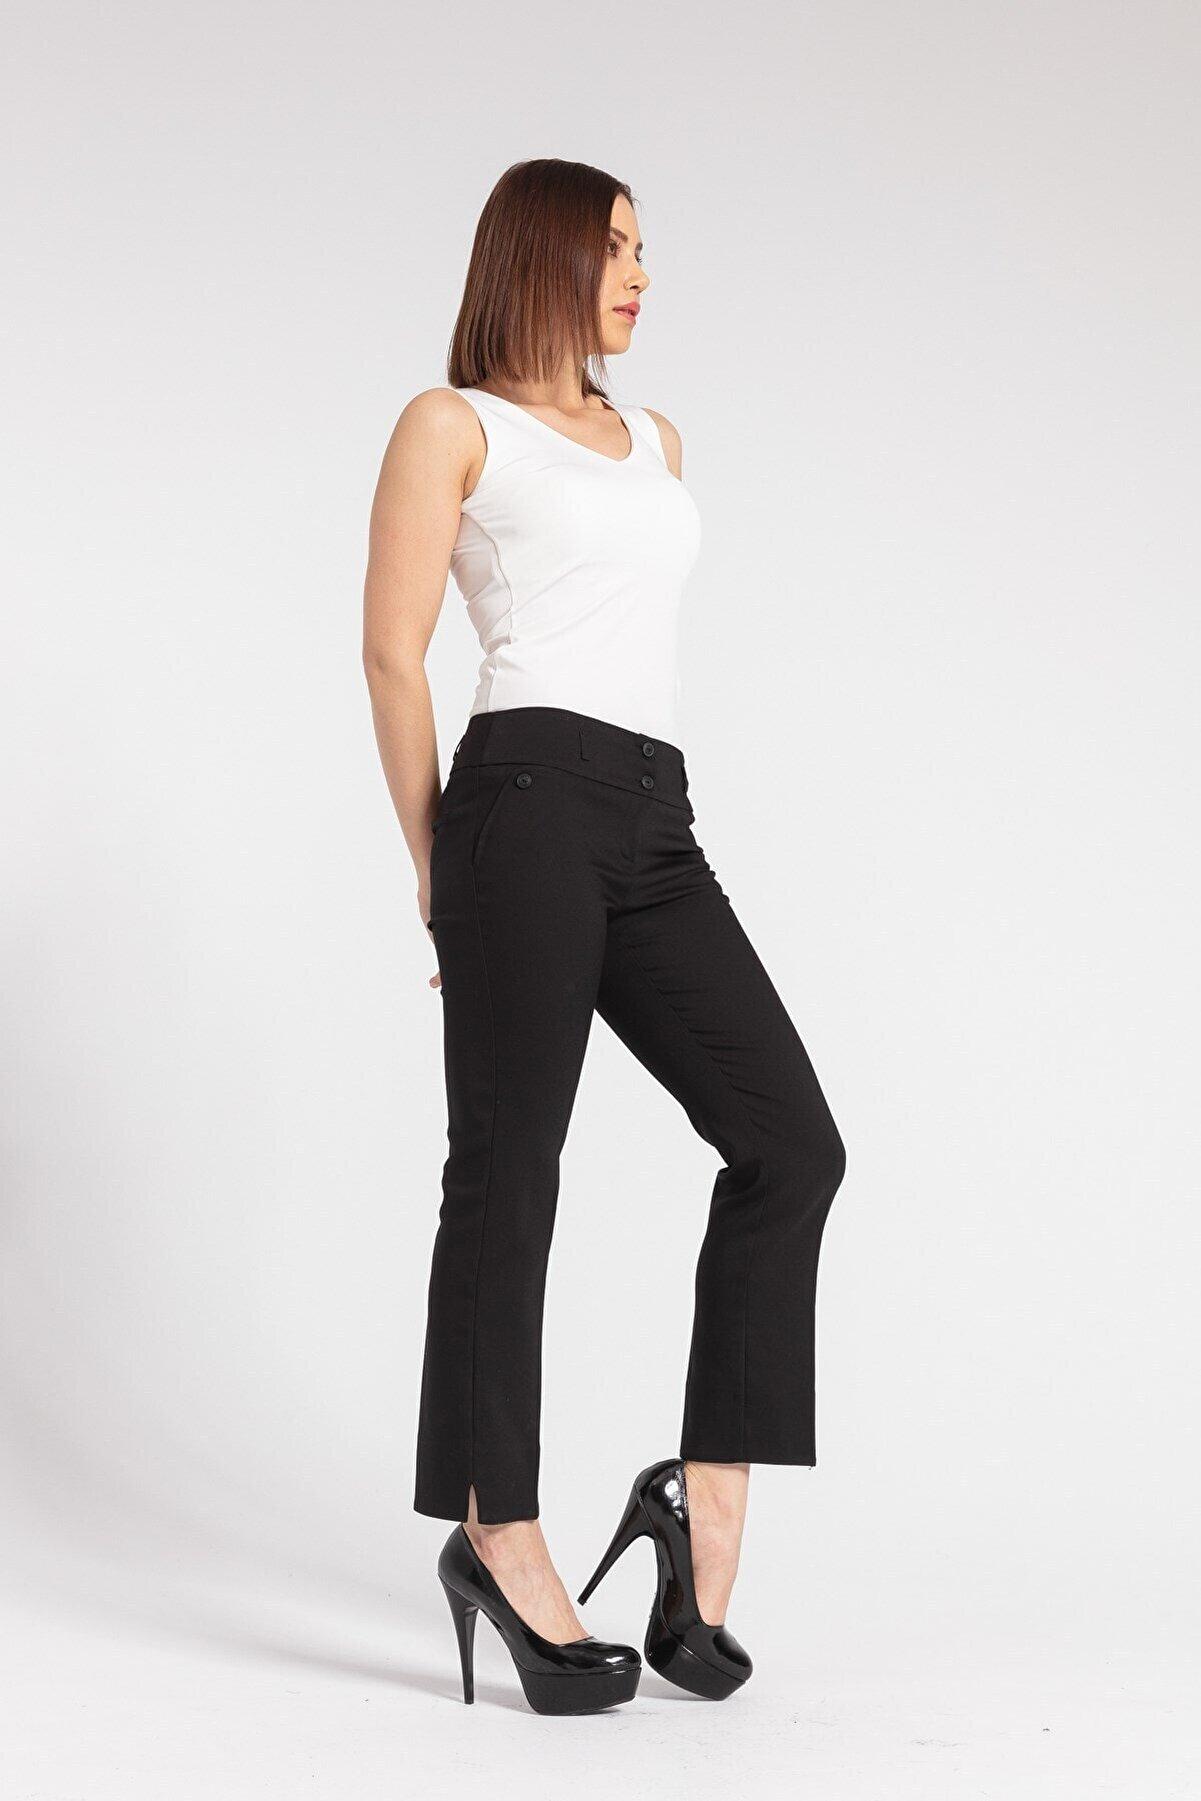 Jument Kadın Siyah Yüksek Bel Yırtmaçlı Paça Pantolon